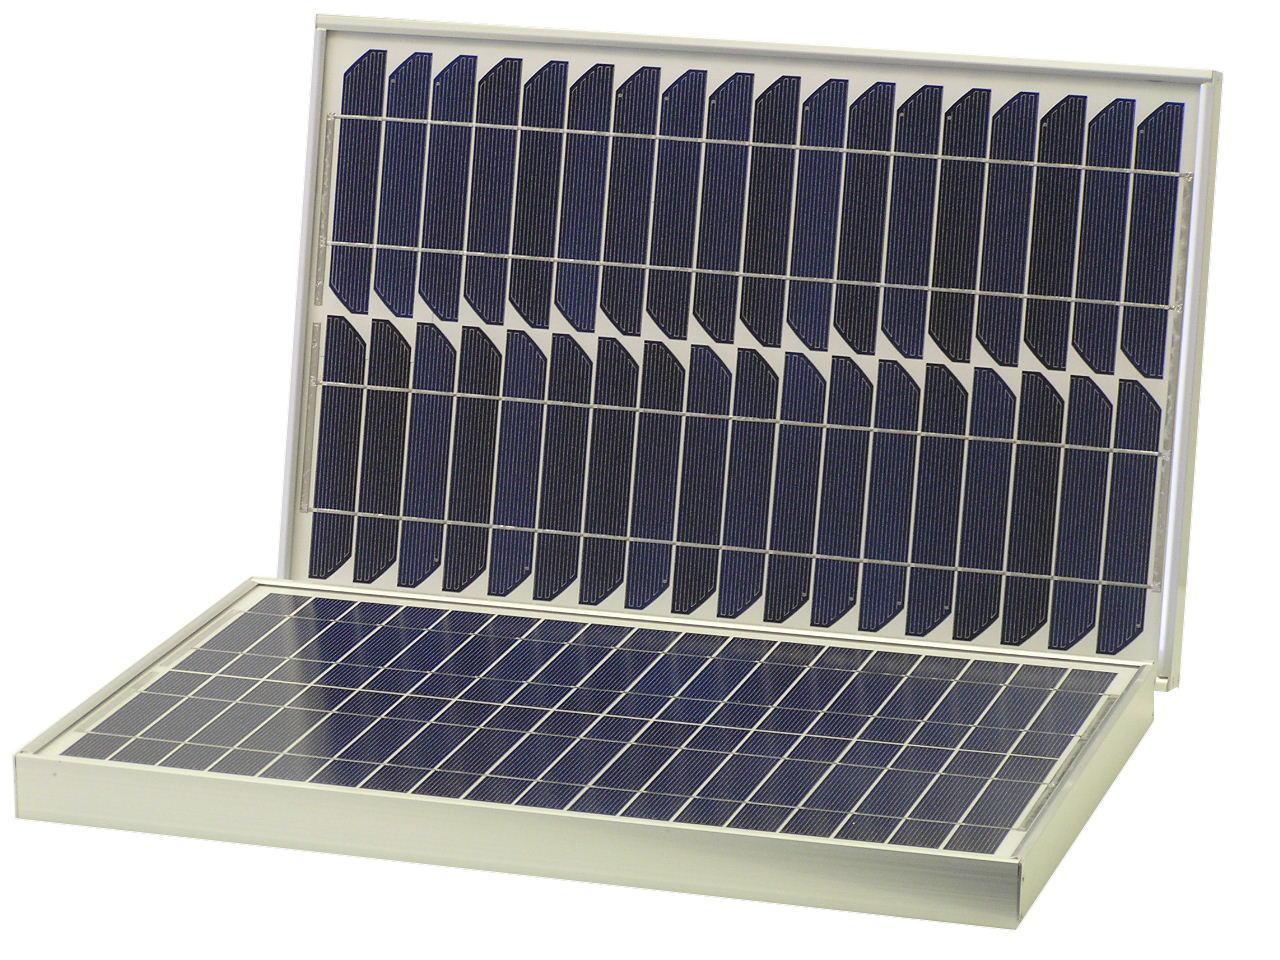 ソーラーパネル GN20 定格出力24Wエヌ・イー・ティ製 太陽電池 独立電源 太陽光発電 太陽光パネル キャンピングカー ヨット クルーザーなどの電源に